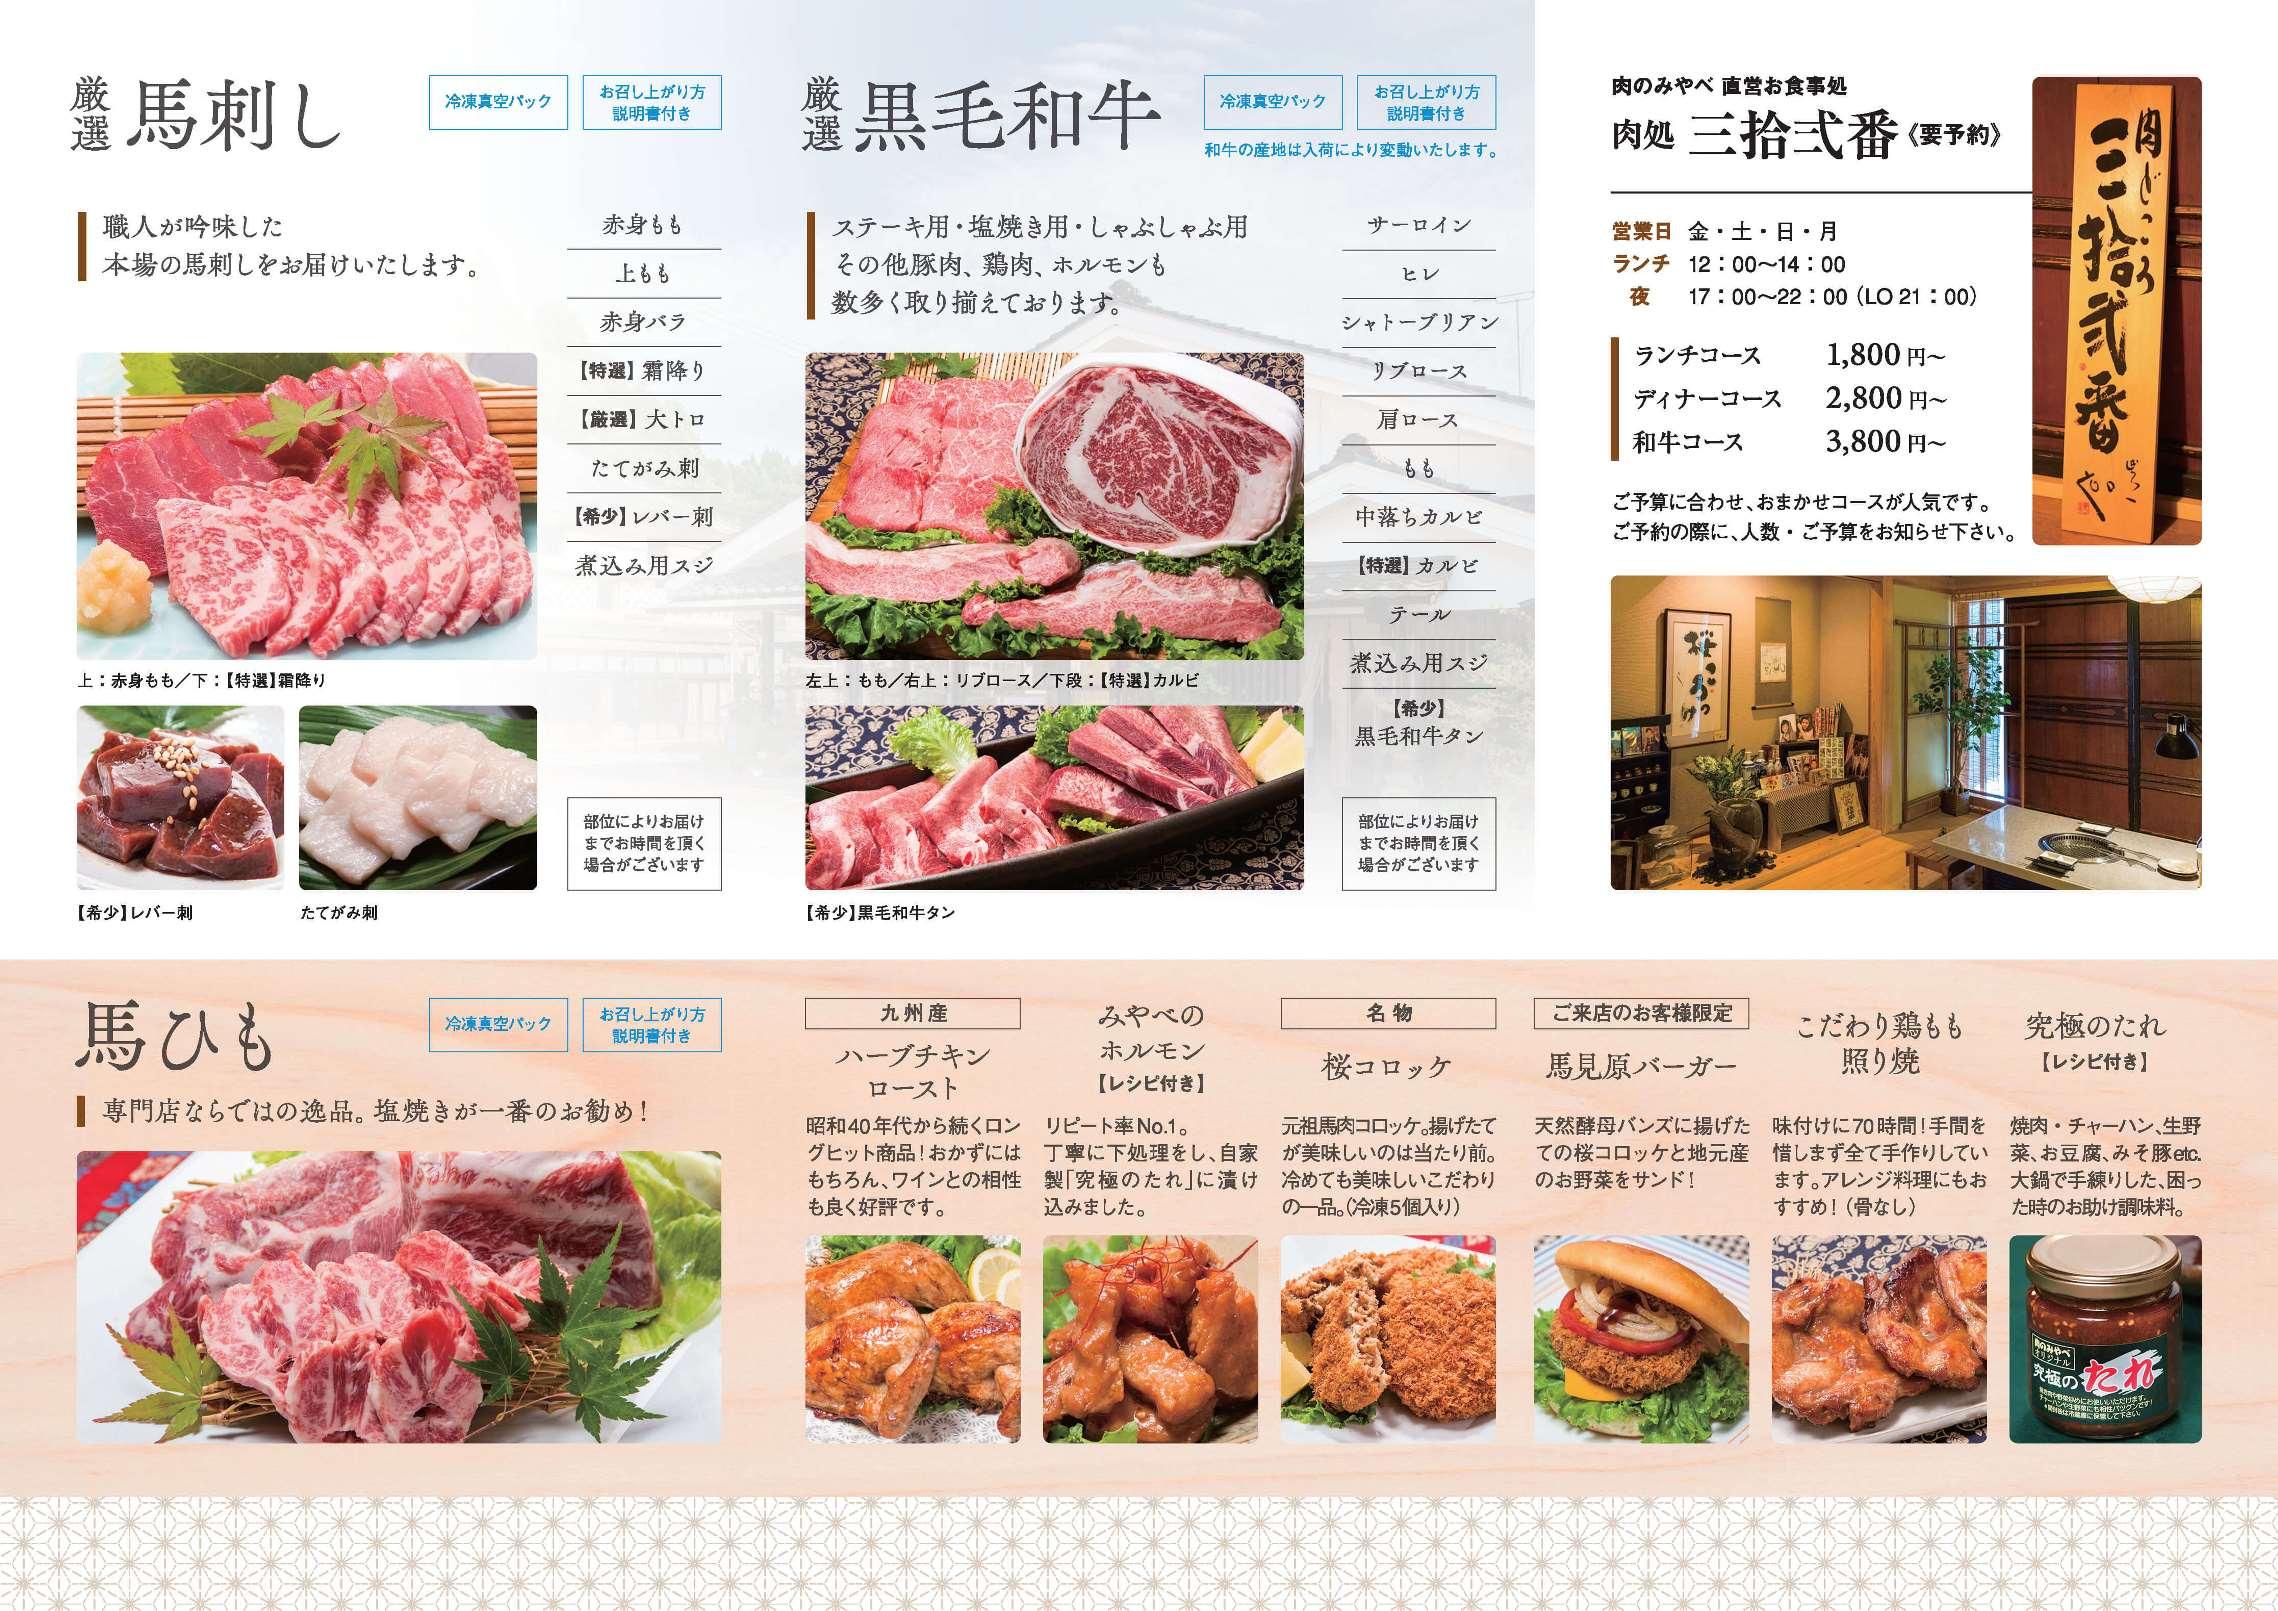 お食事処 肉処 参拾弐番|肉のみやべ